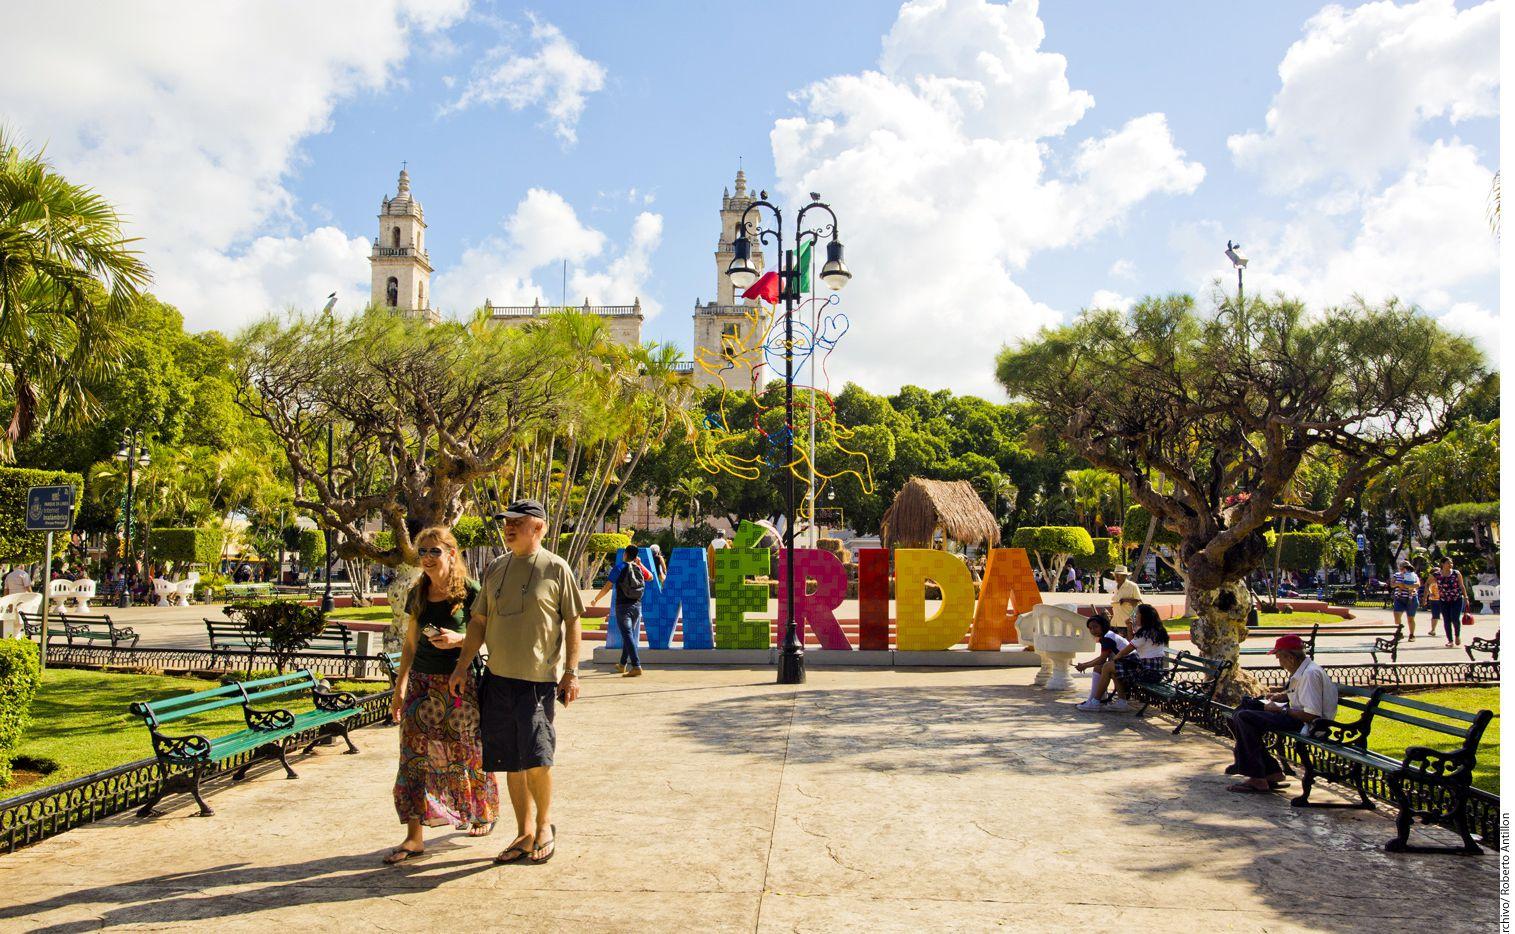 Cada martes en el Parque Santiago, en el centro de Mérida, los acordes y bailes de otra época se reviven durante las Remembranzas Musicales, uno de los eventos culturales gratuitos que todos los días se desarrollan en la capital yucateca, los cuales, la mantienen siempre viva. AGENCIA REFORMA.